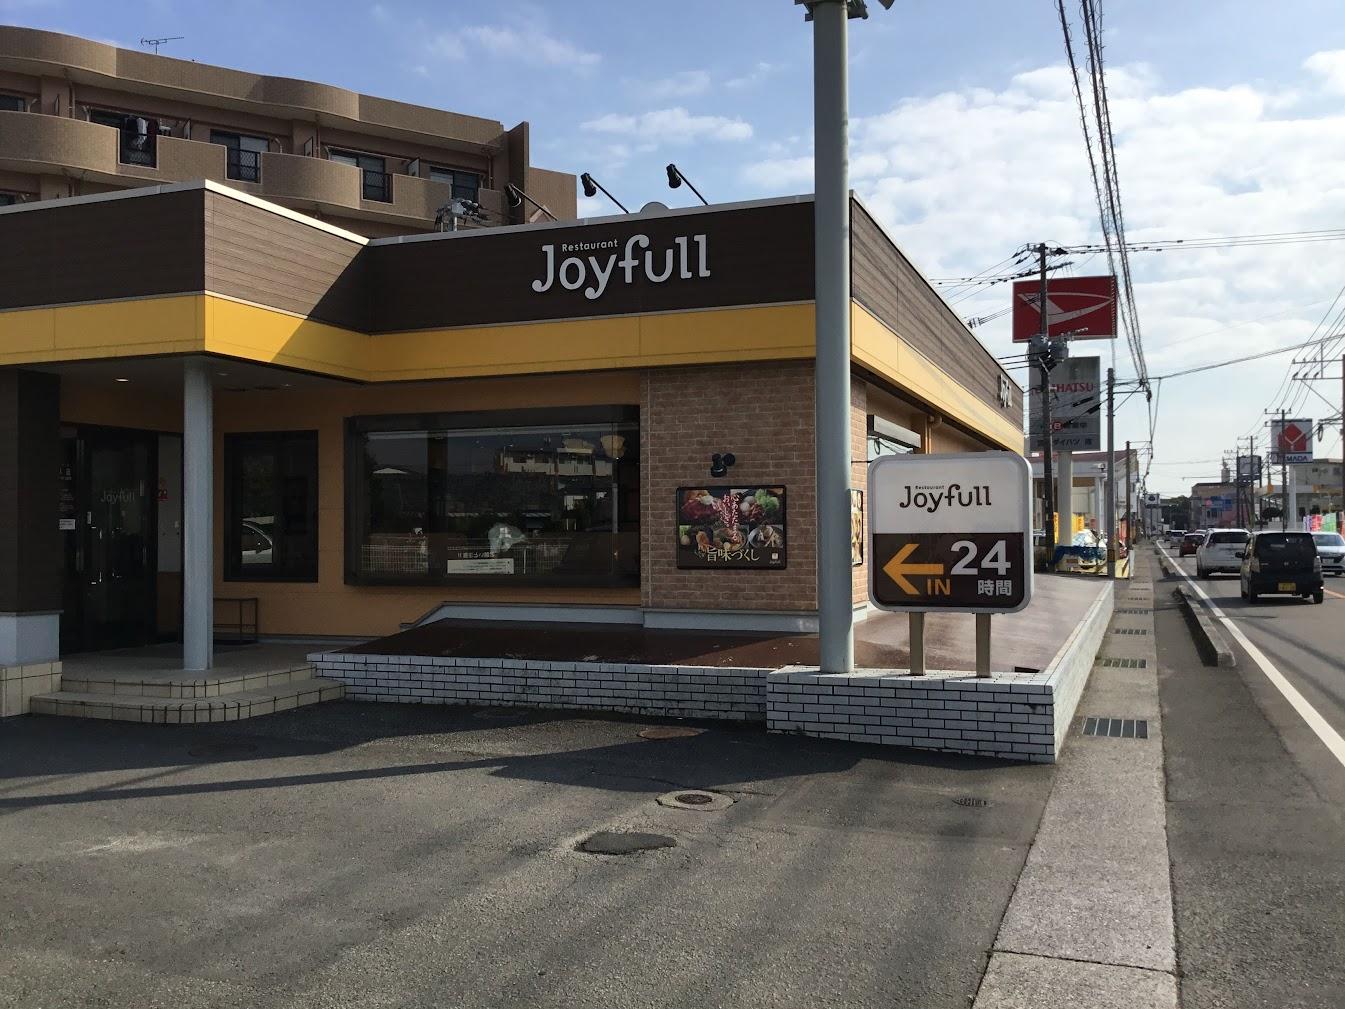 ジョイフル恒久店でランチを食べました。毎年、青島太平洋マラソンの翌日はジョイフルでランチを食べるのか?